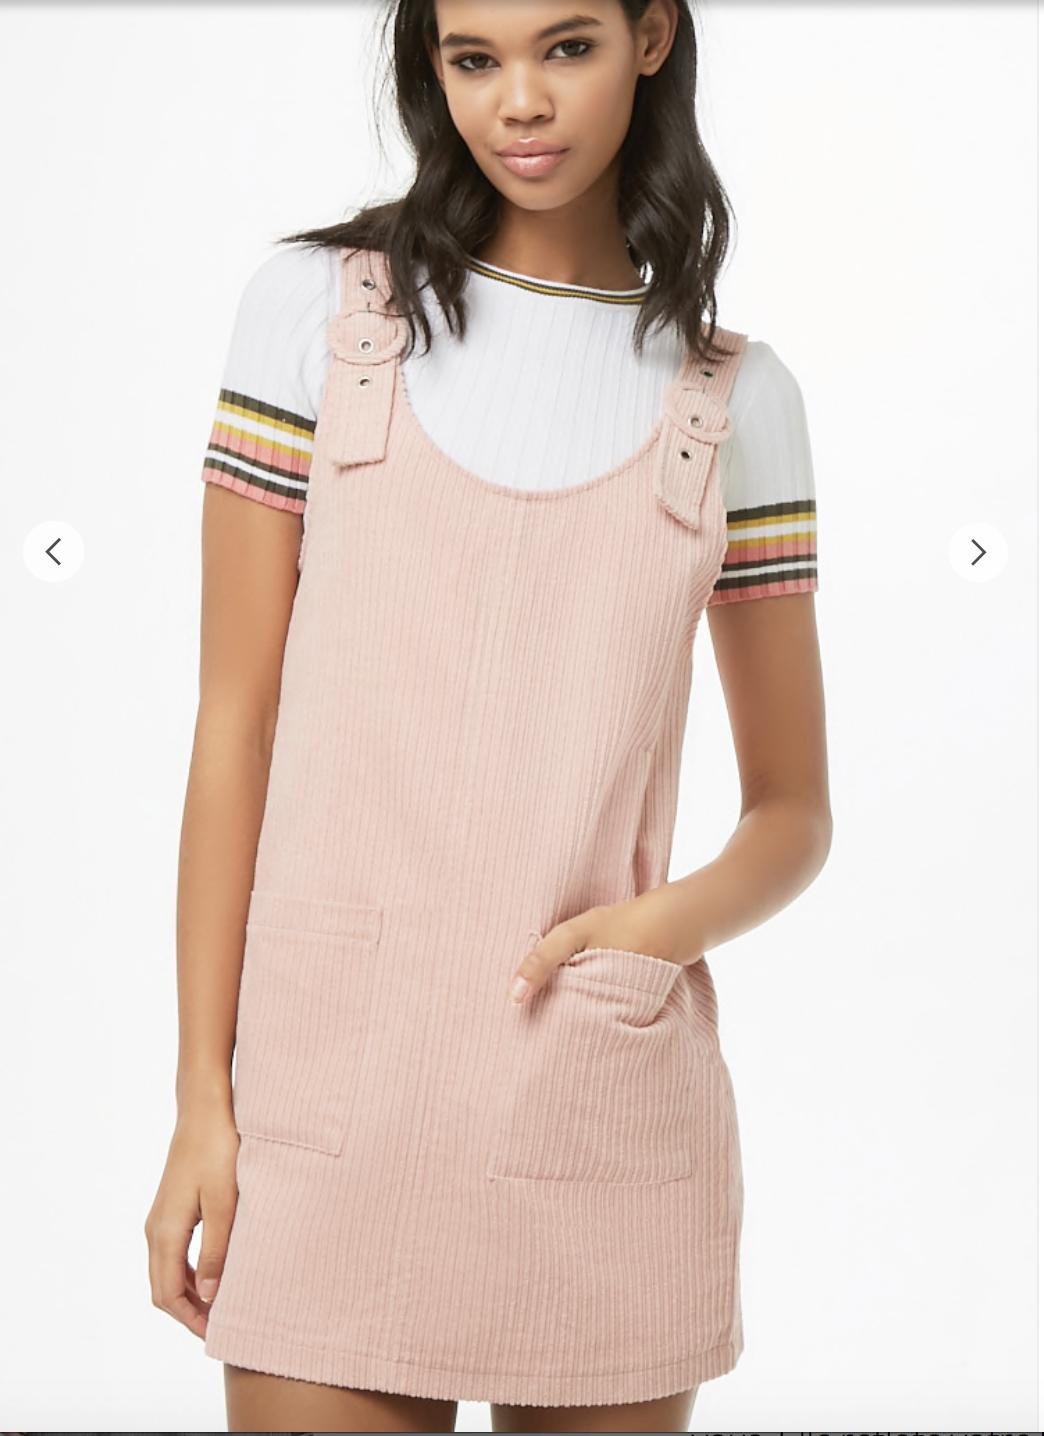 Royaume-Uni disponibilité aa232 b42e8 Comment porter la robe-salopette? - Les trouvailles de Sarah